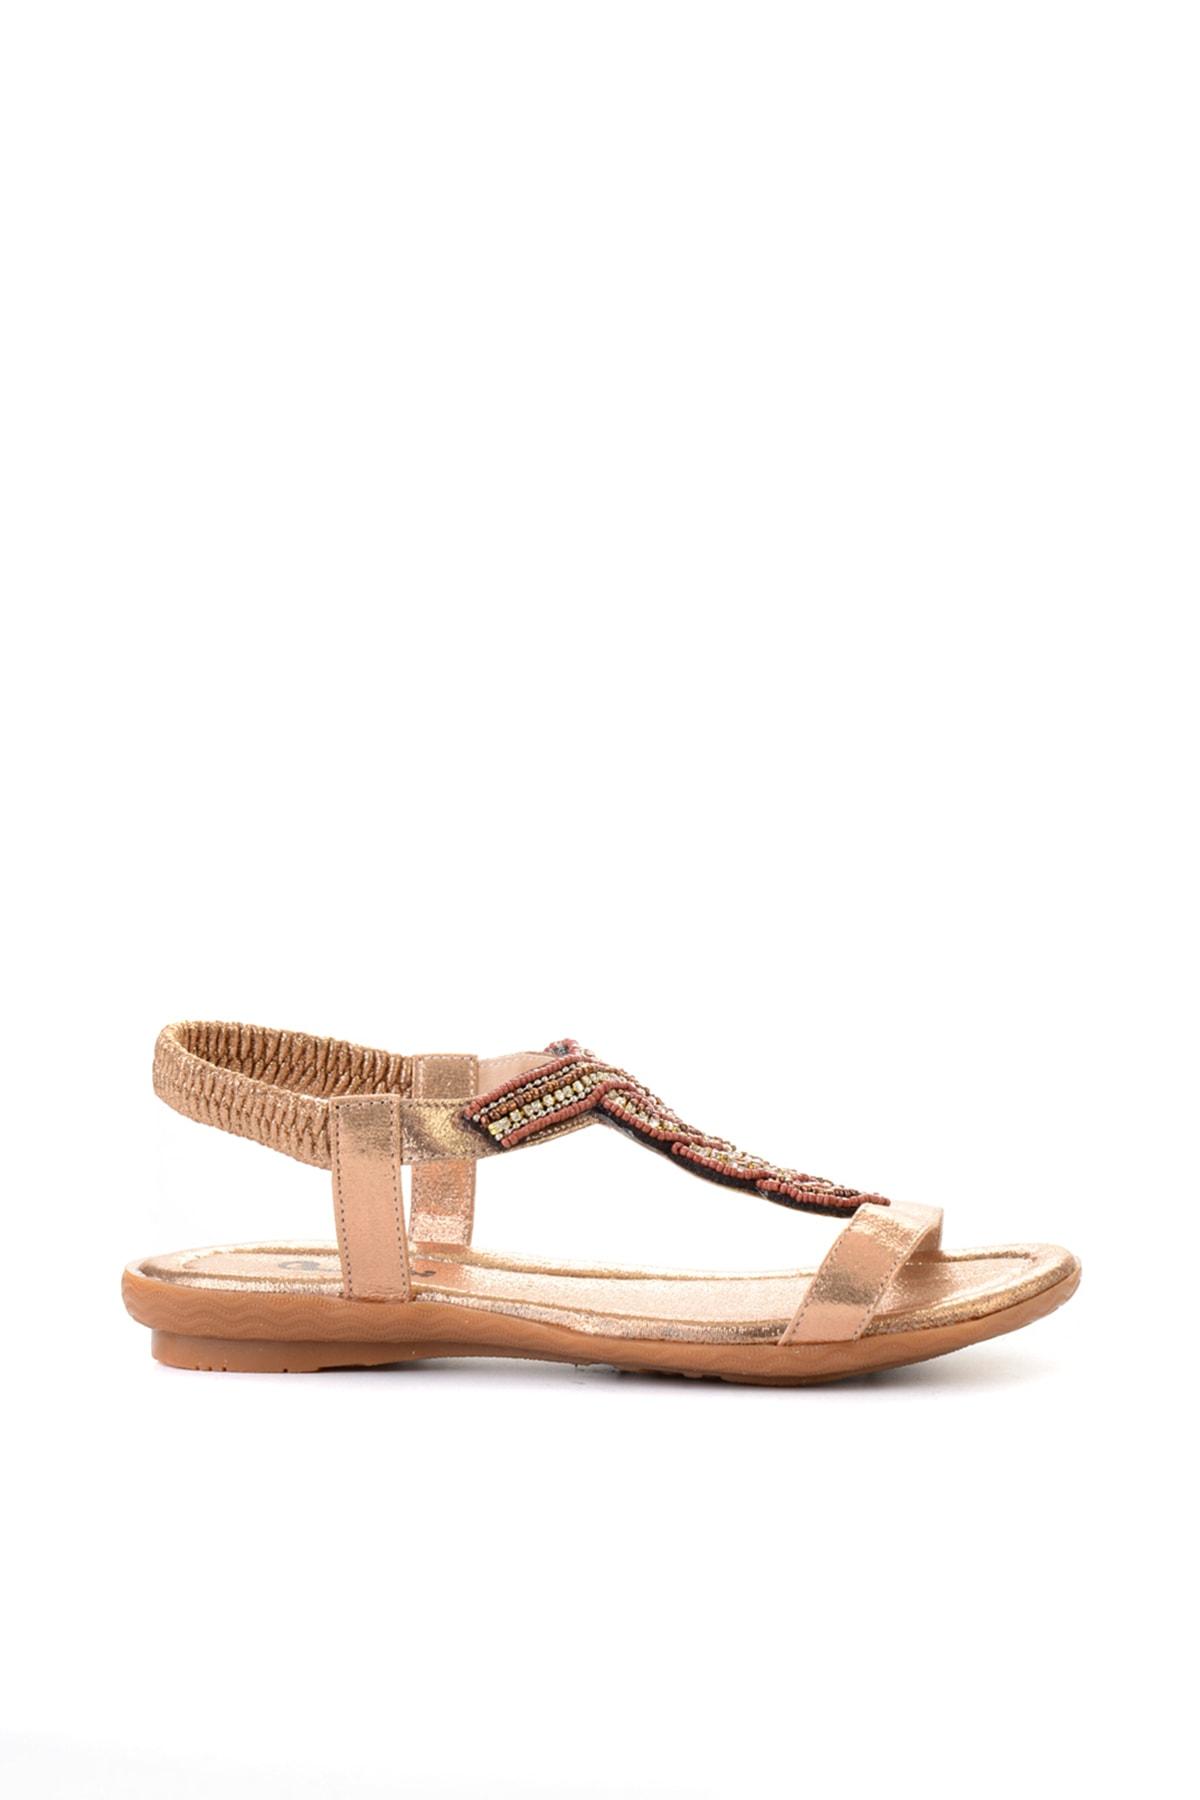 Bambi Rose Kadın Sandalet L0625014878 2